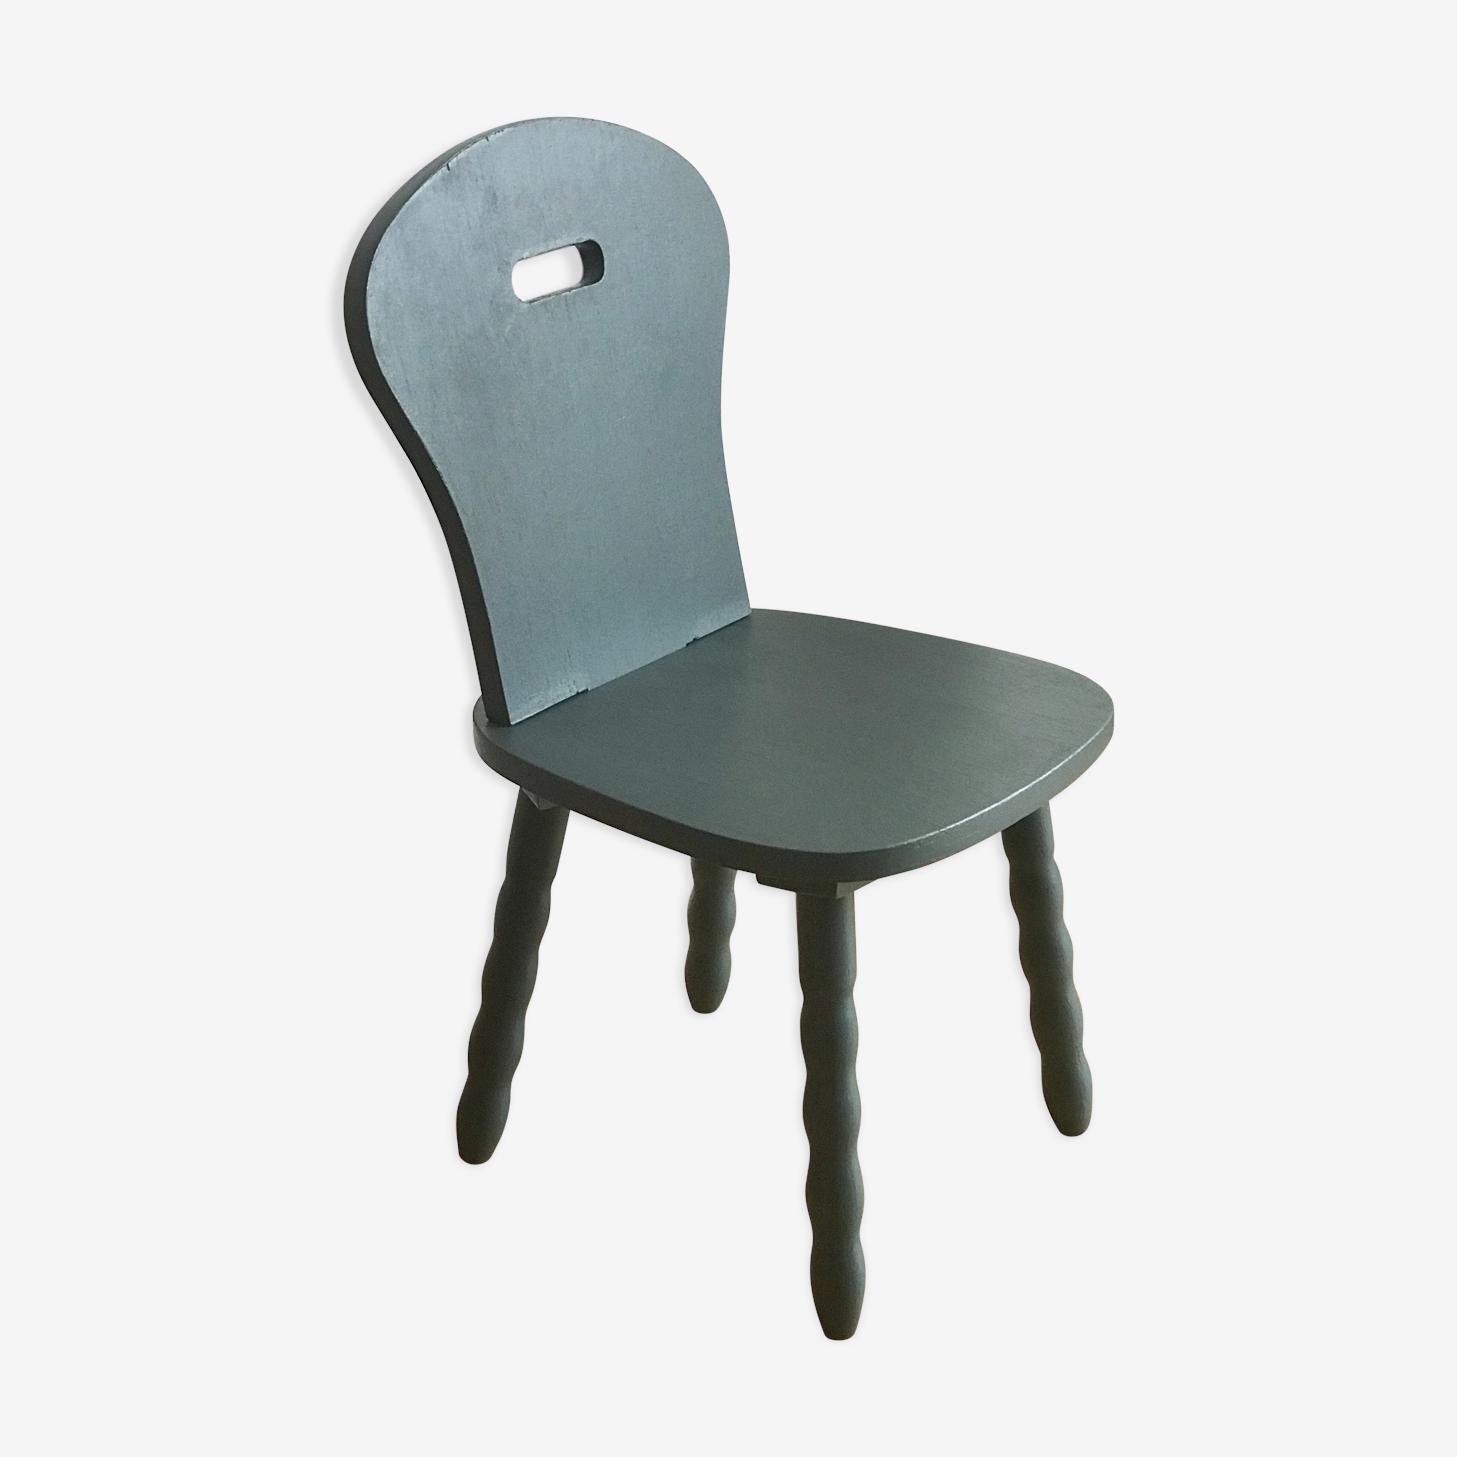 Chaise enfant revisitée en bleu canard